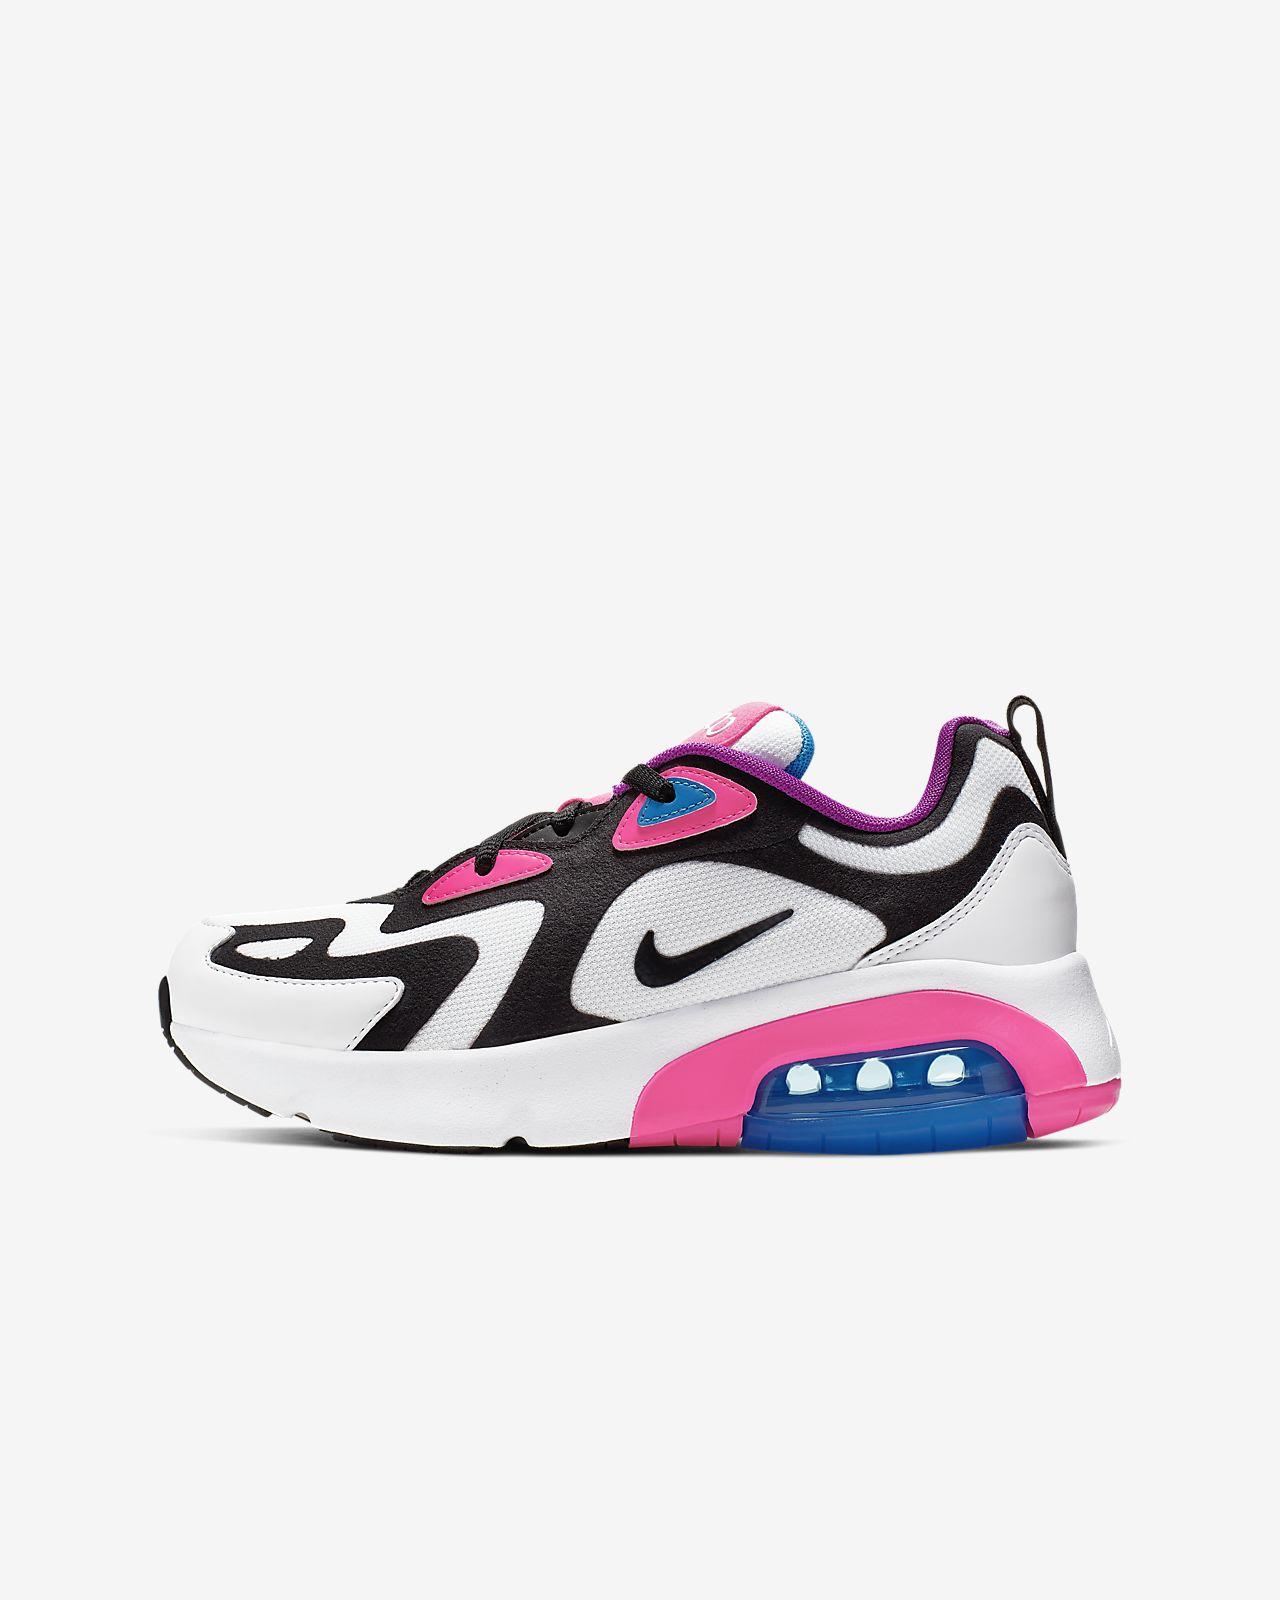 zapatillas nike blancas niño, nuevos air max 24 7 blancos de